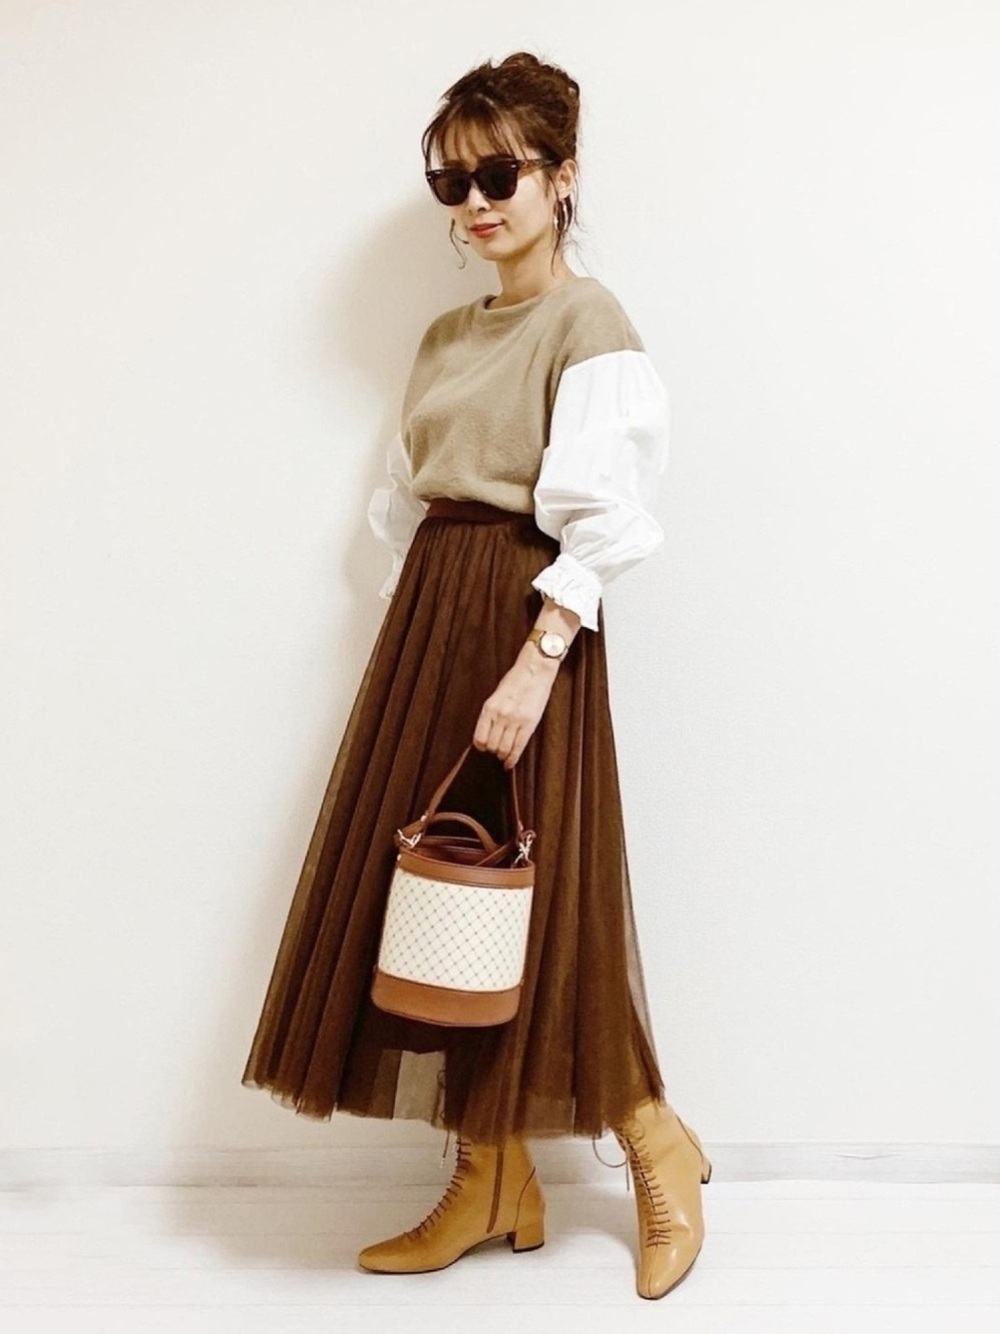 ベージュのトップスにブラウンのスカートとバケツバッグのコーデ